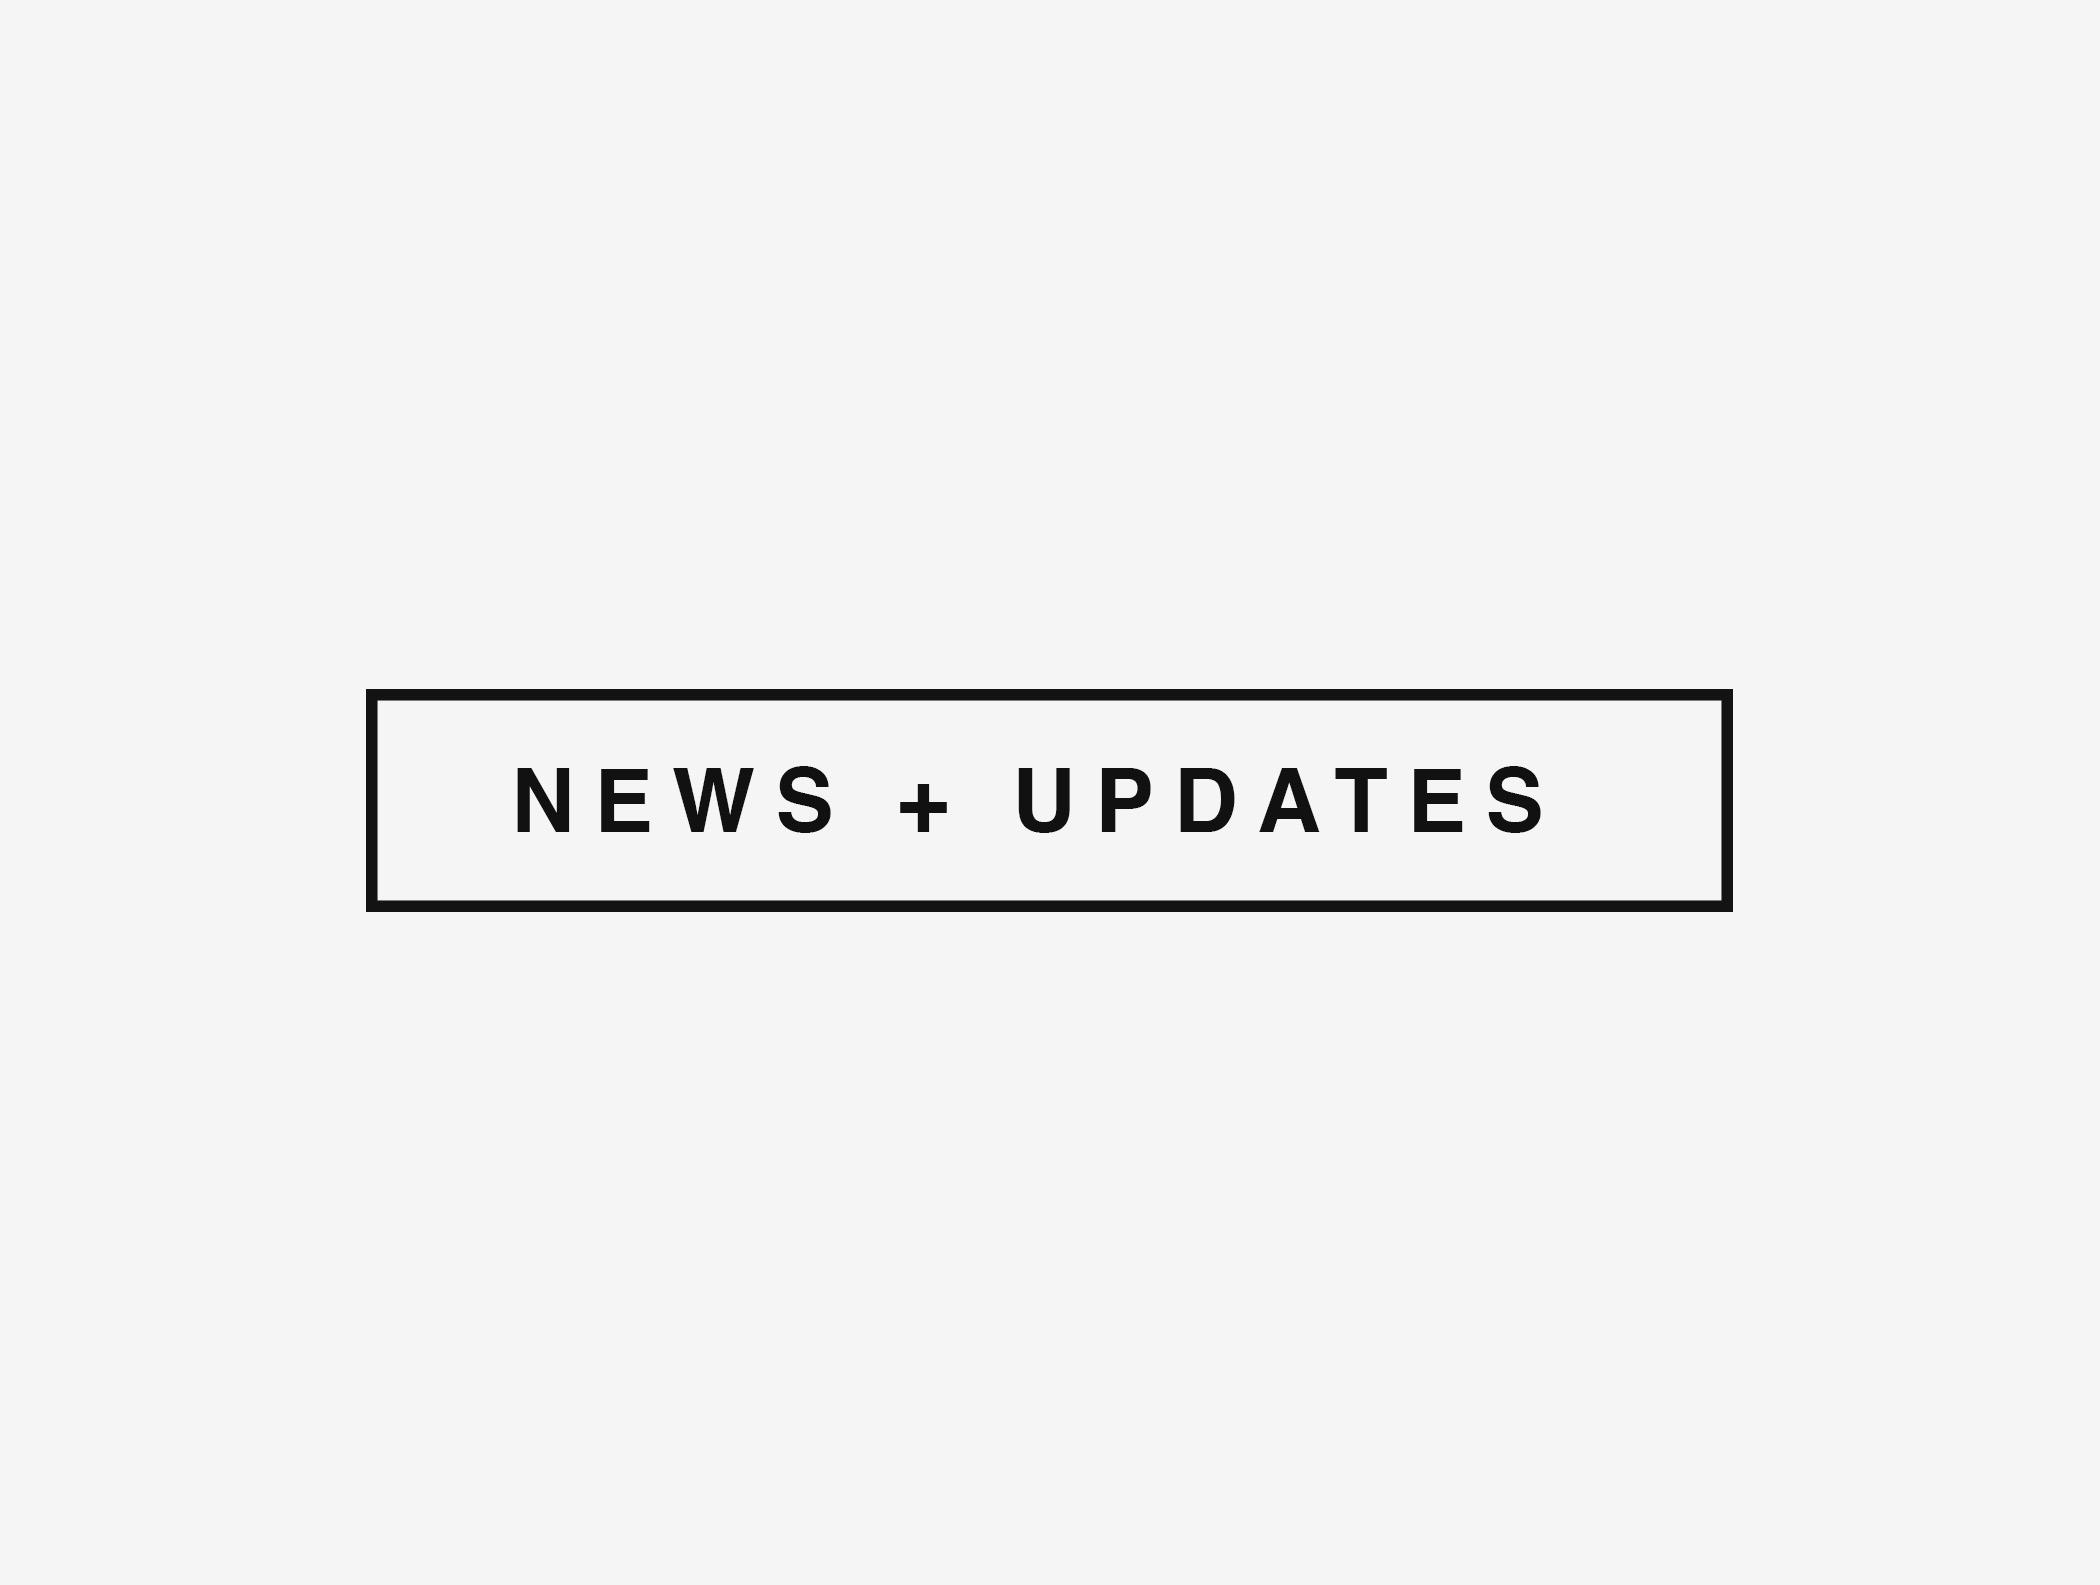 newsupdates.jpg